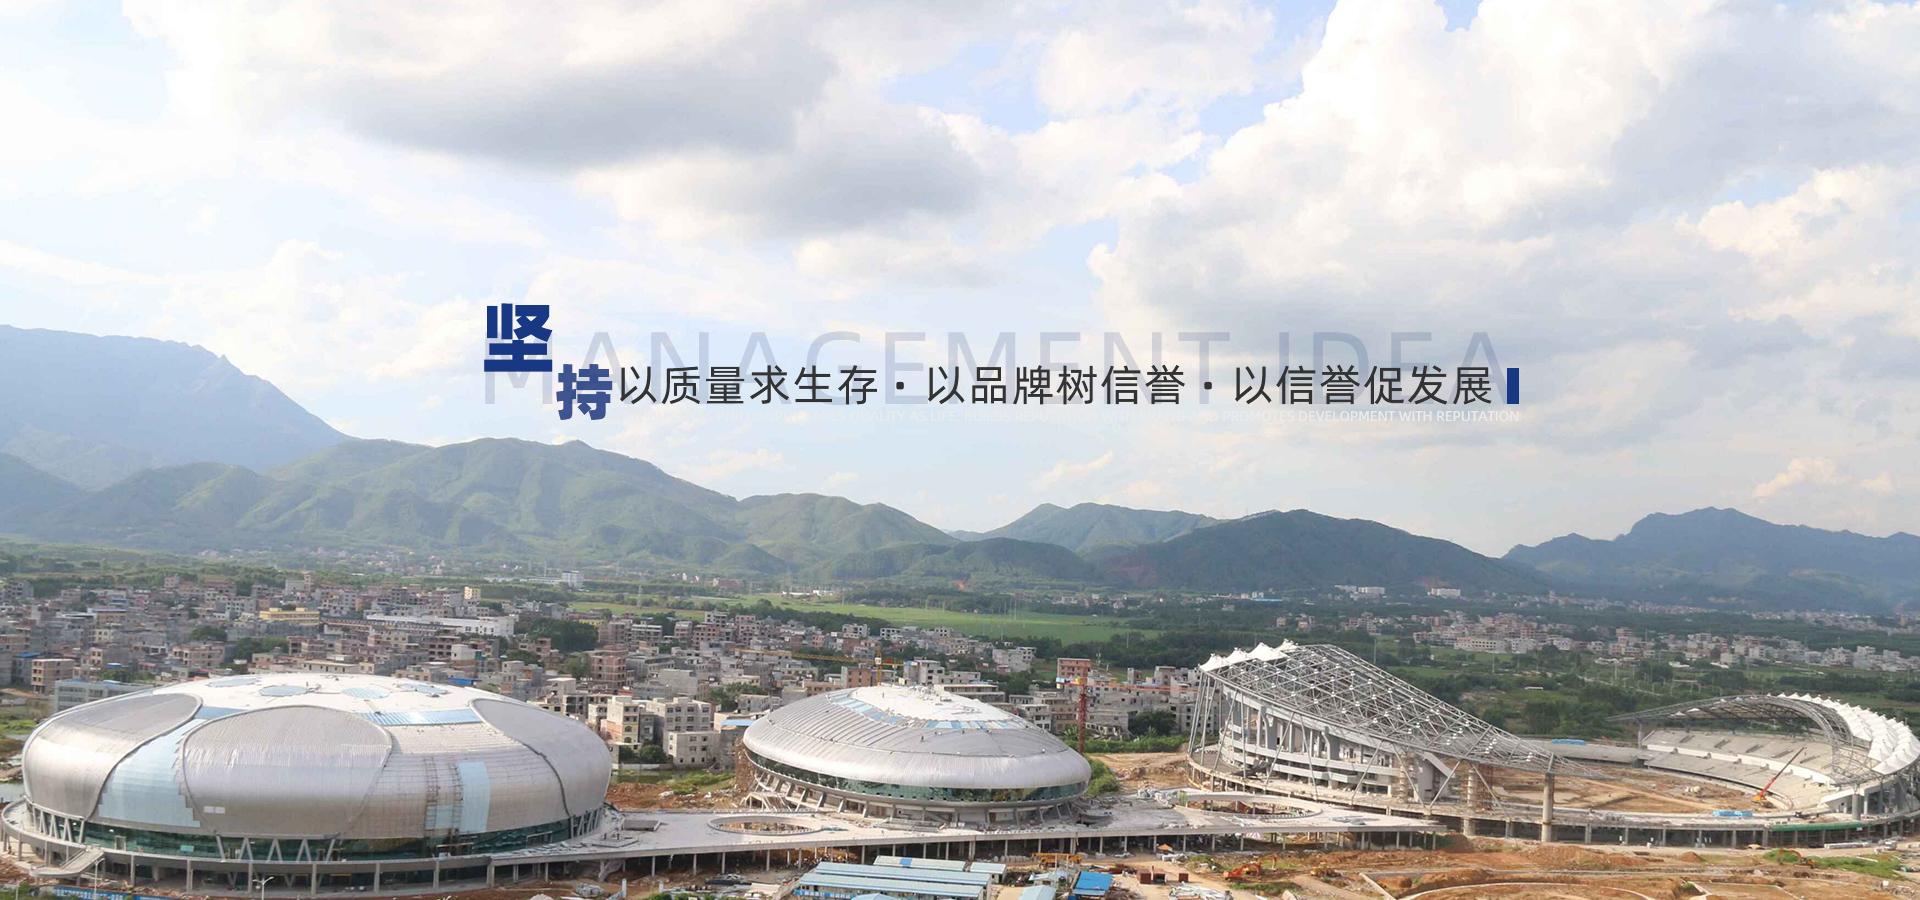 广西钢结构_广西钢结构加工_广西钢结构厂